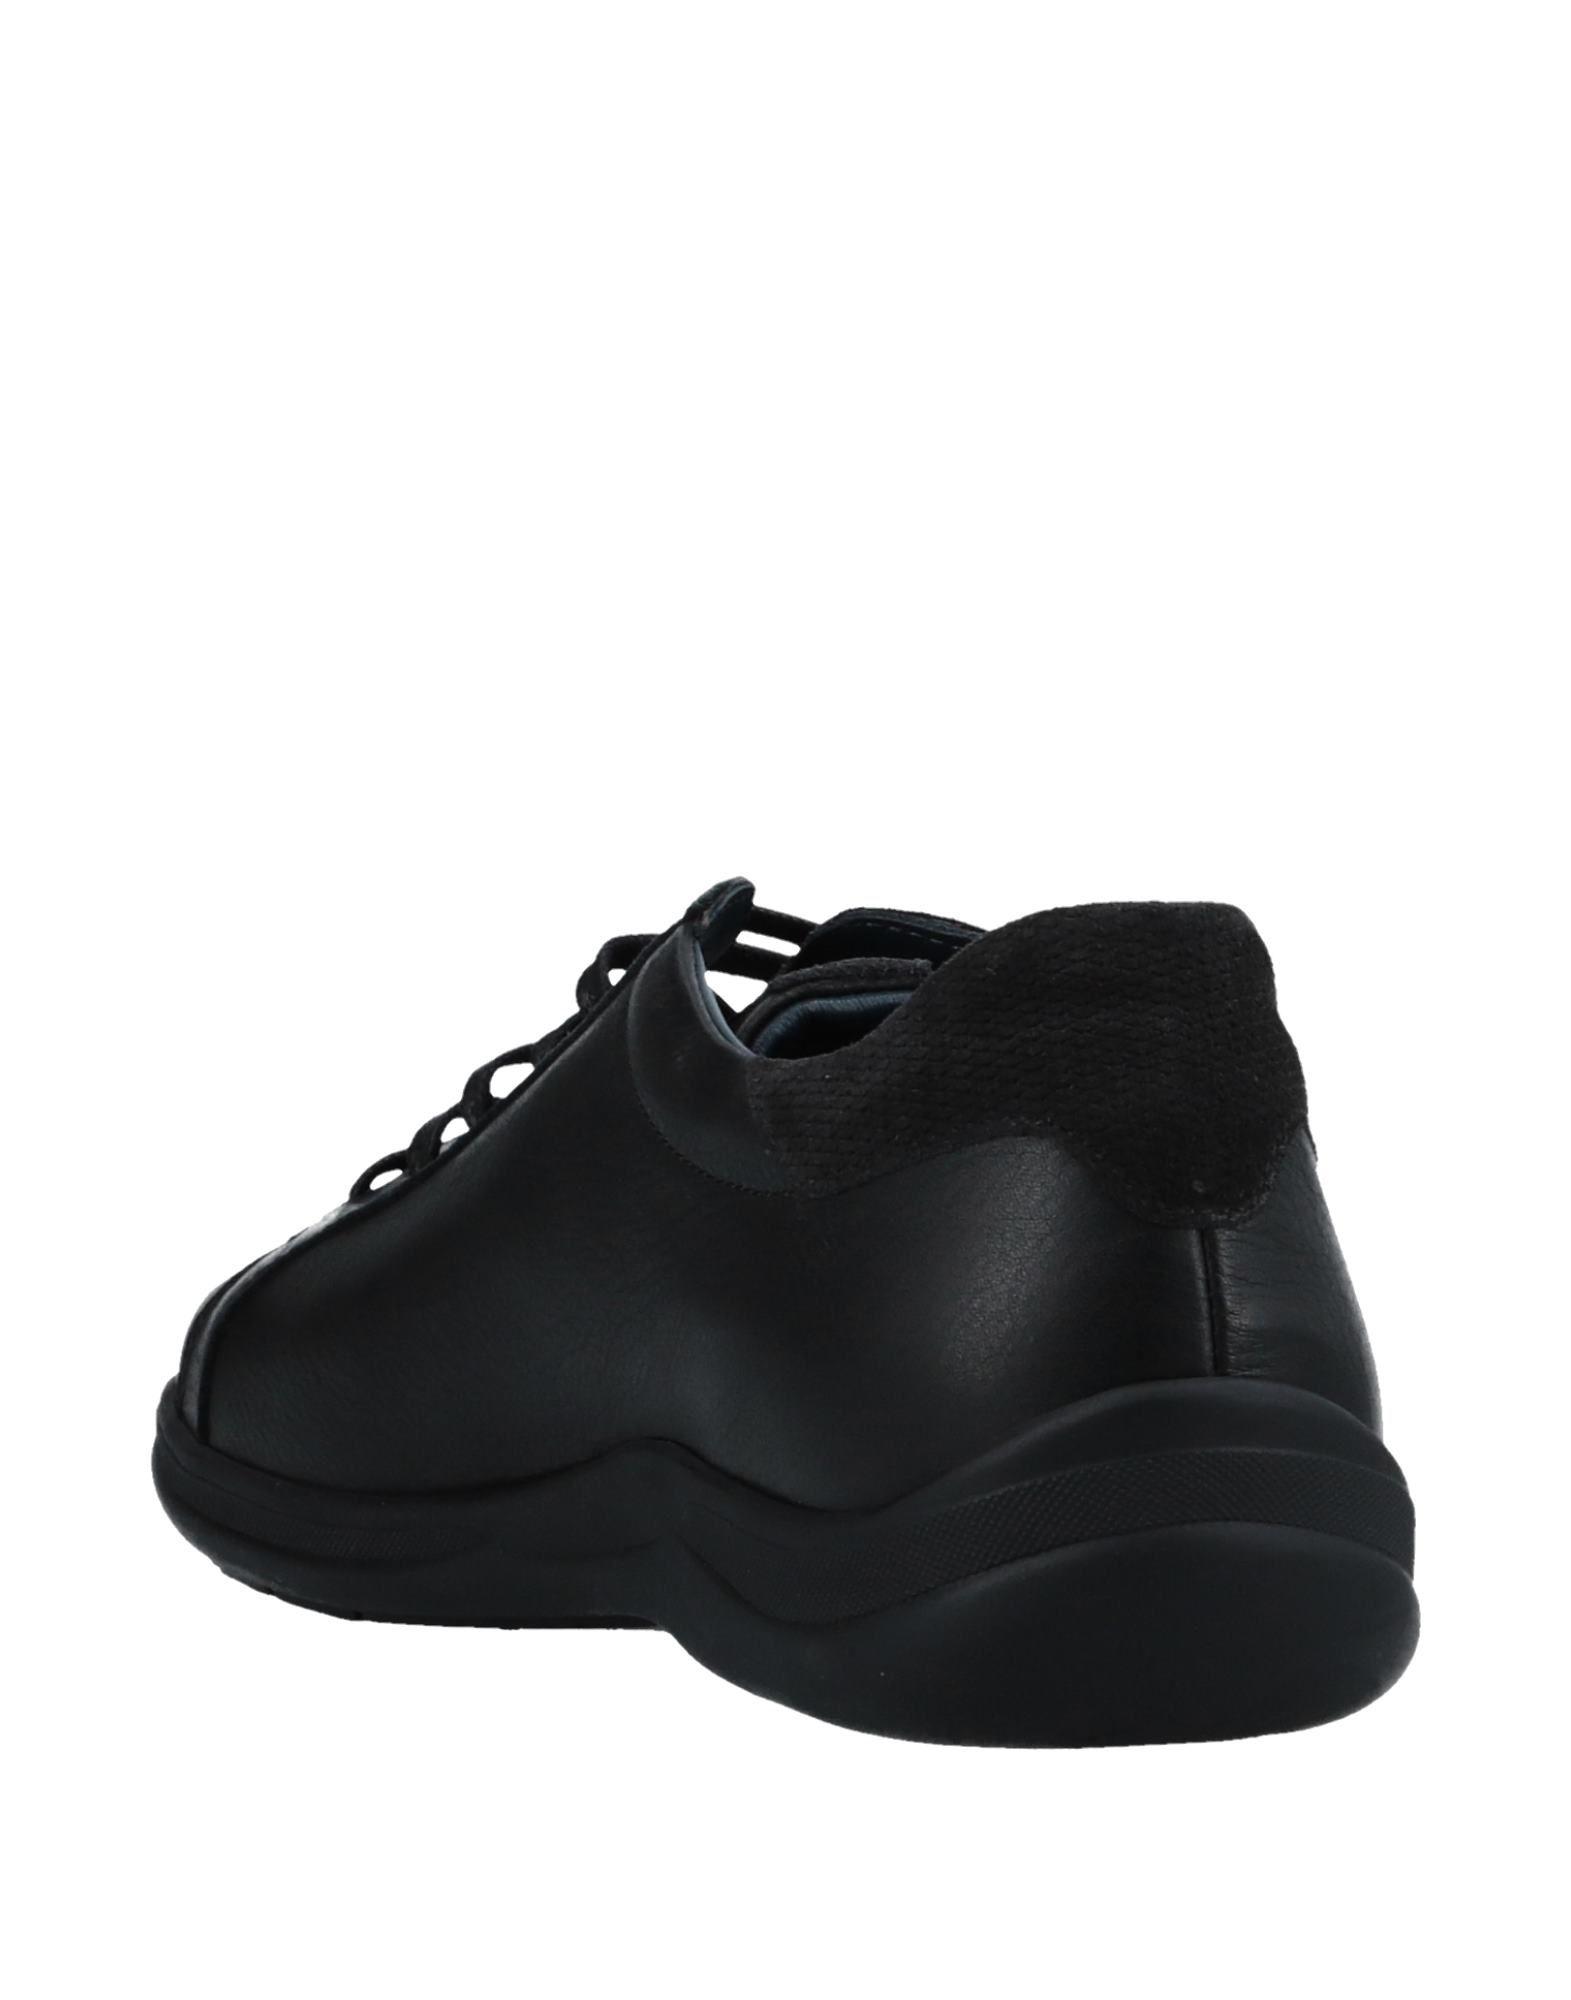 Rabatt echte Schuhe Schuhe Schuhe Fabiano Ricci Sneakers Herren  11508859KN 15d42c